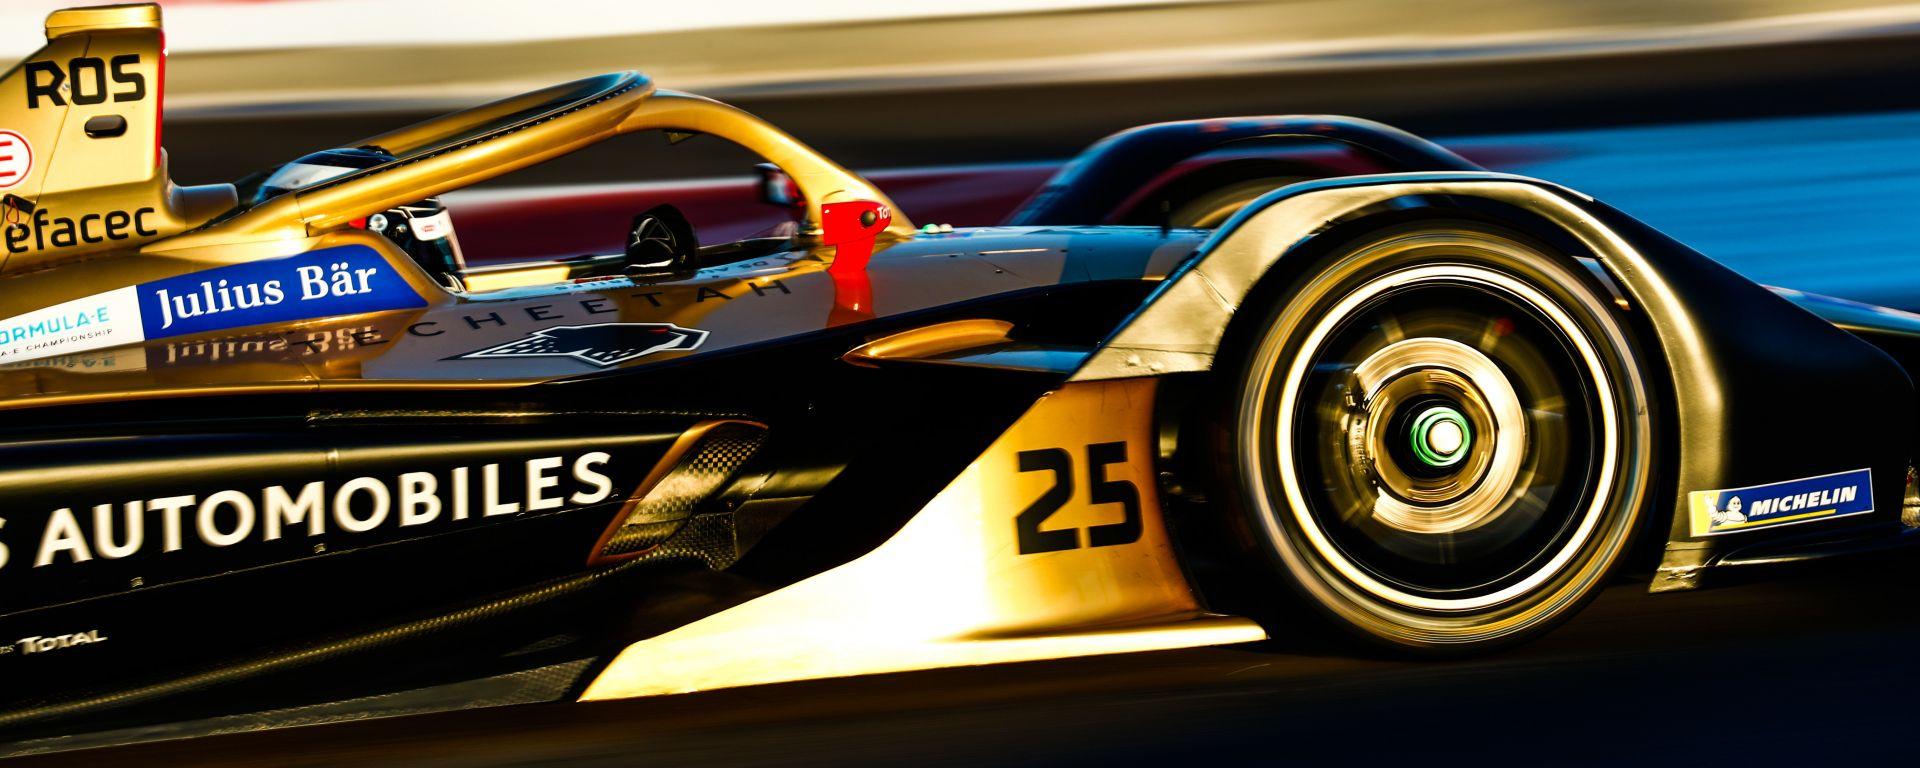 Formula E 2019-2020, James Rossiter al volante della DS Techeetah di Jean-Eric Vergne